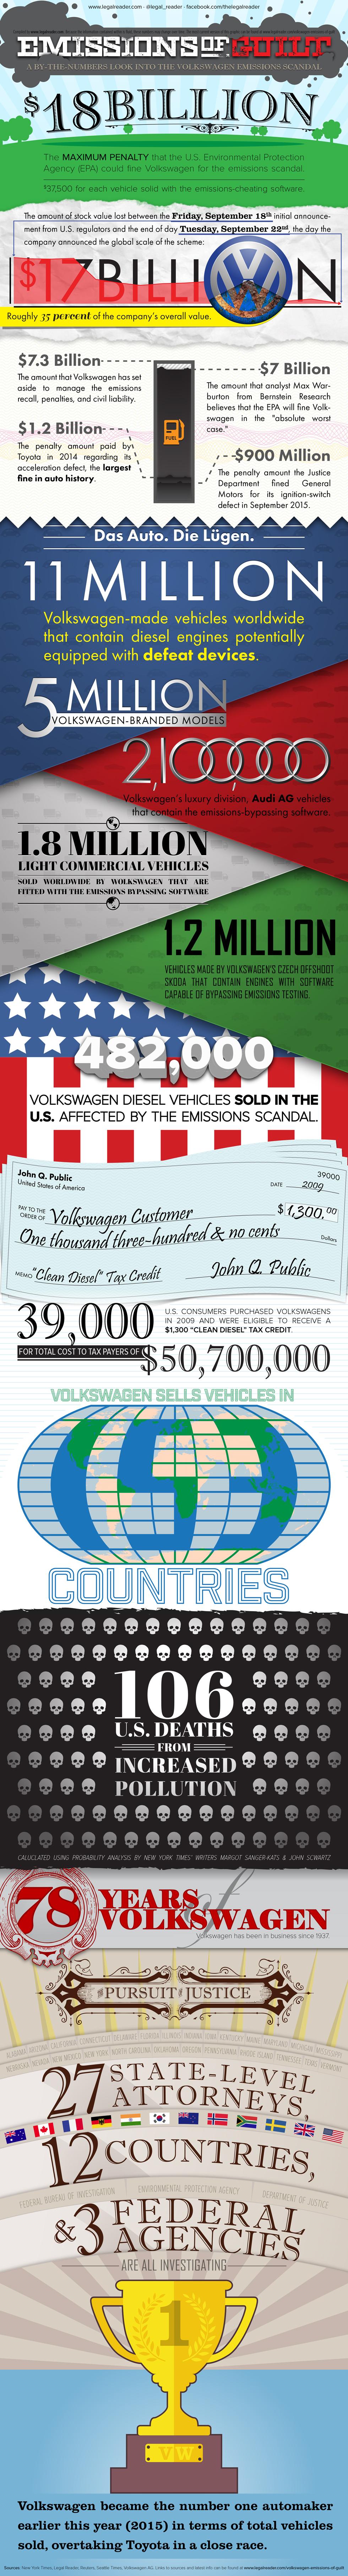 Emissions of Guilt: Volkswagen Emissions Scandal